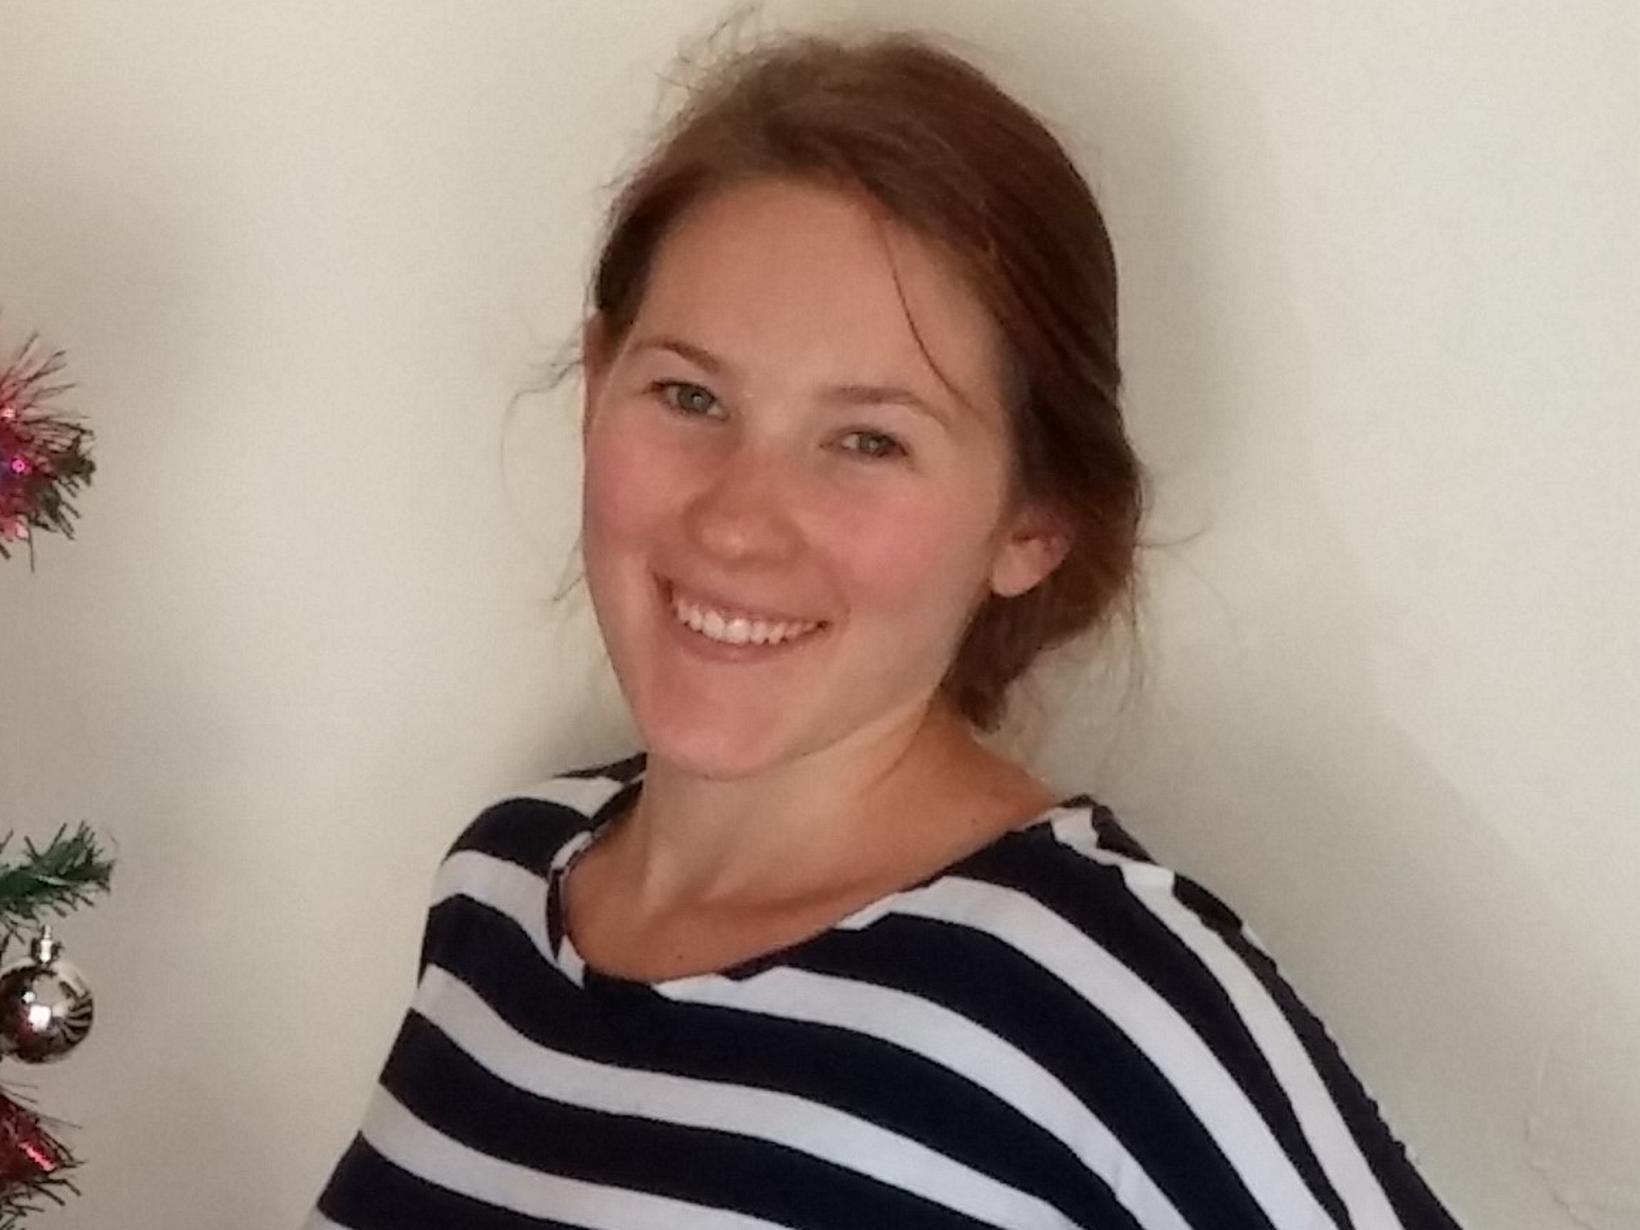 Hannah from Dunedin, New Zealand